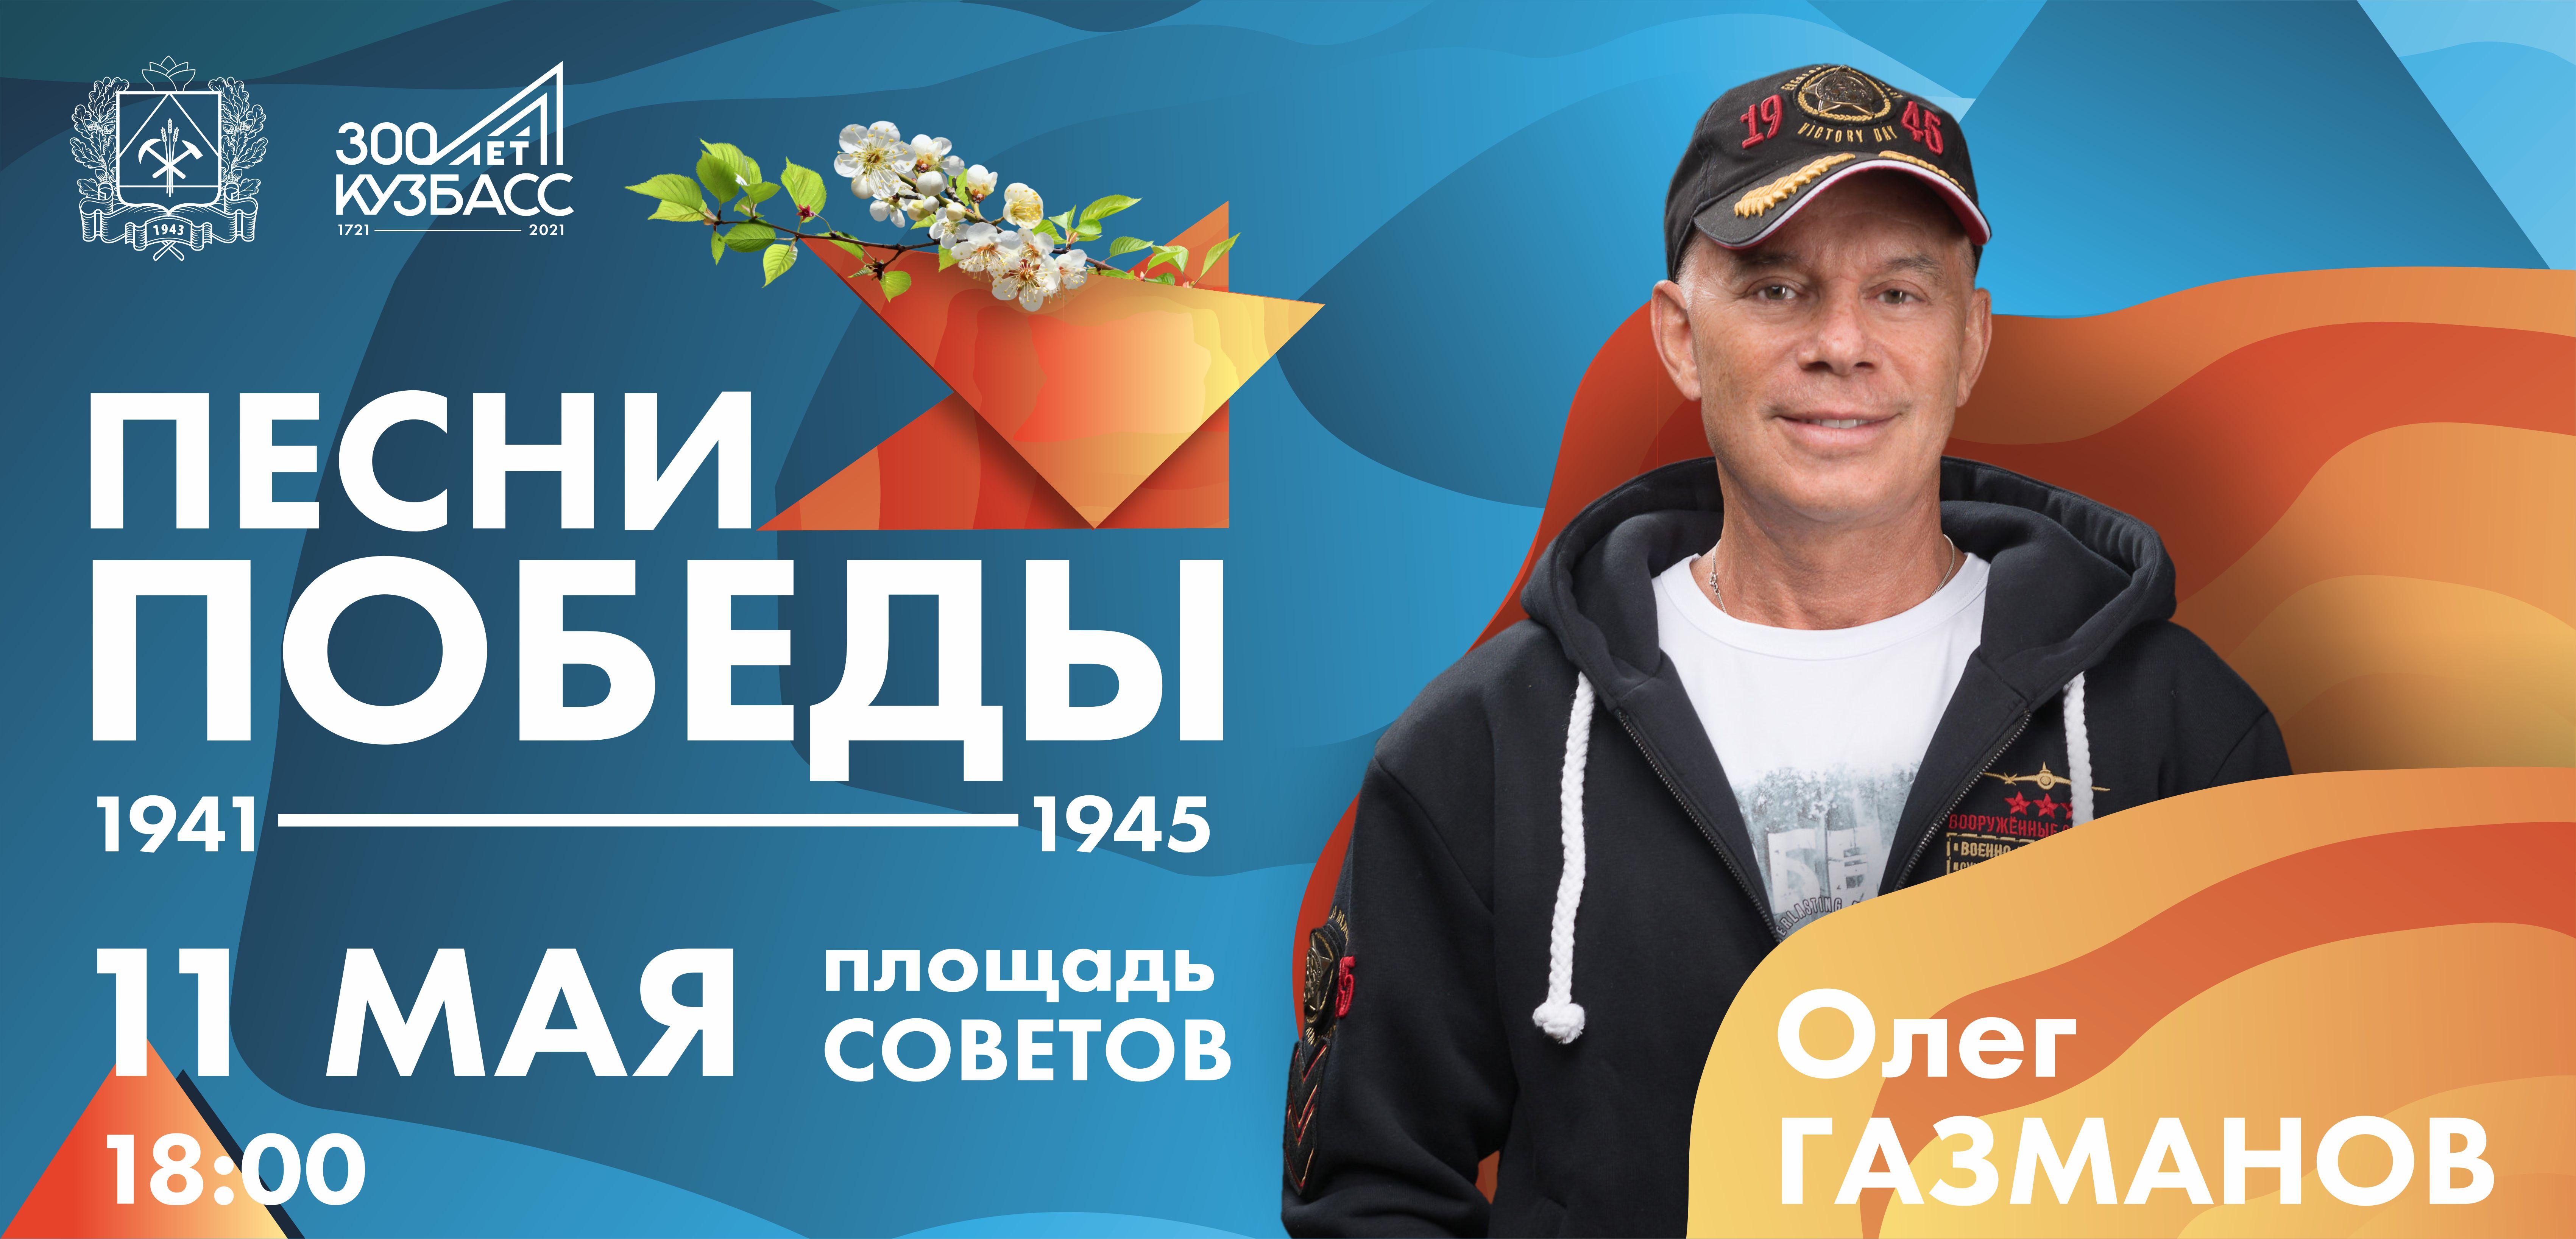 В Кемерове, 11 мая в 18-00, в честь Дня Победы пройдёт праздничный концерт с участием звёзд.